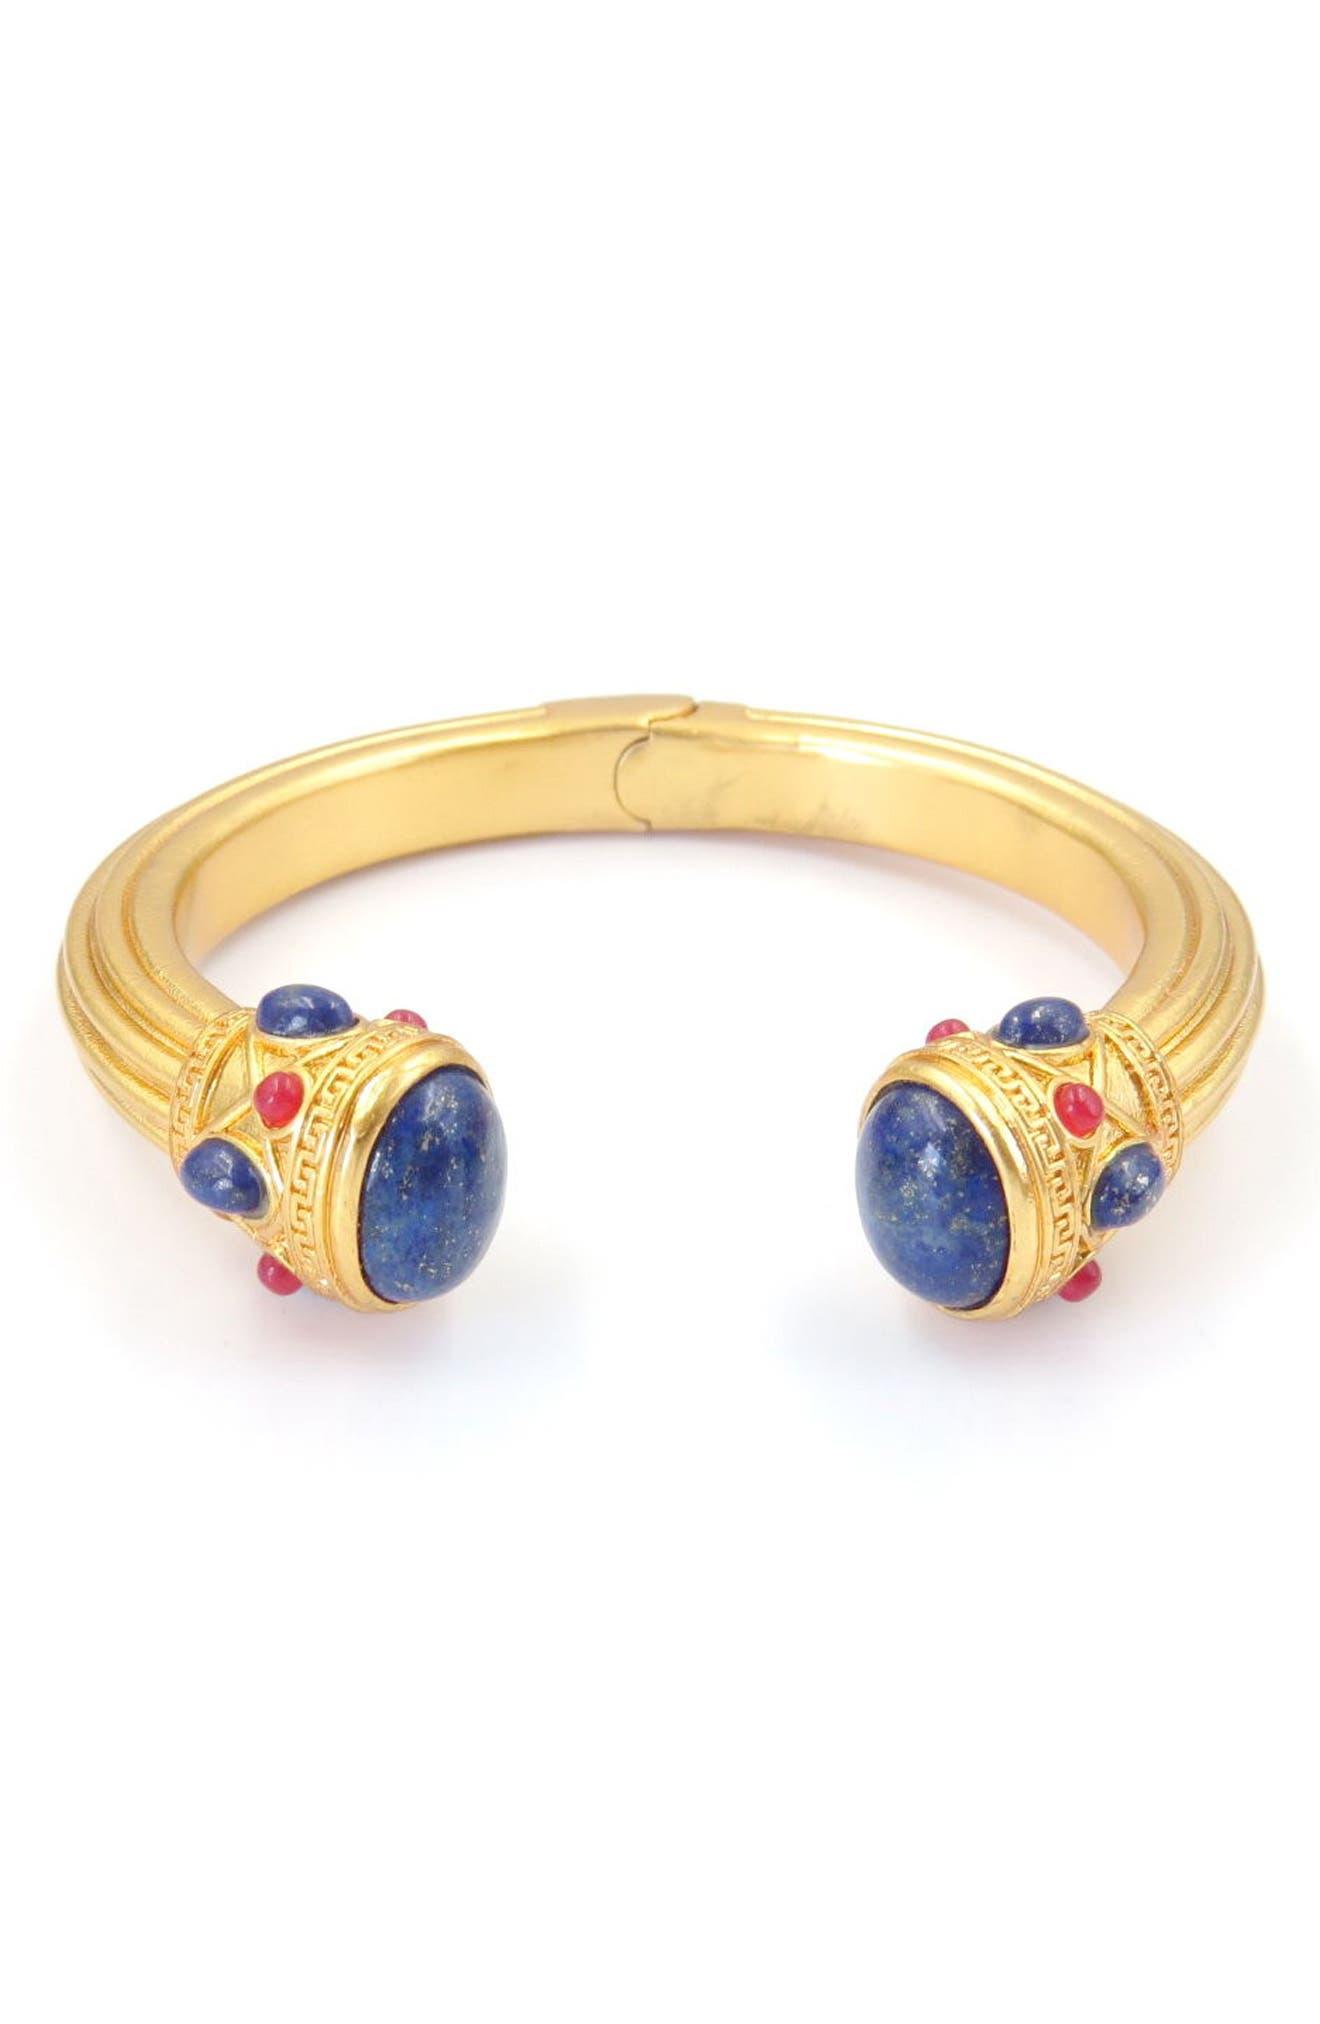 Lapis & Quartzite Cuff Bracelet,                             Main thumbnail 1, color,                             Gold